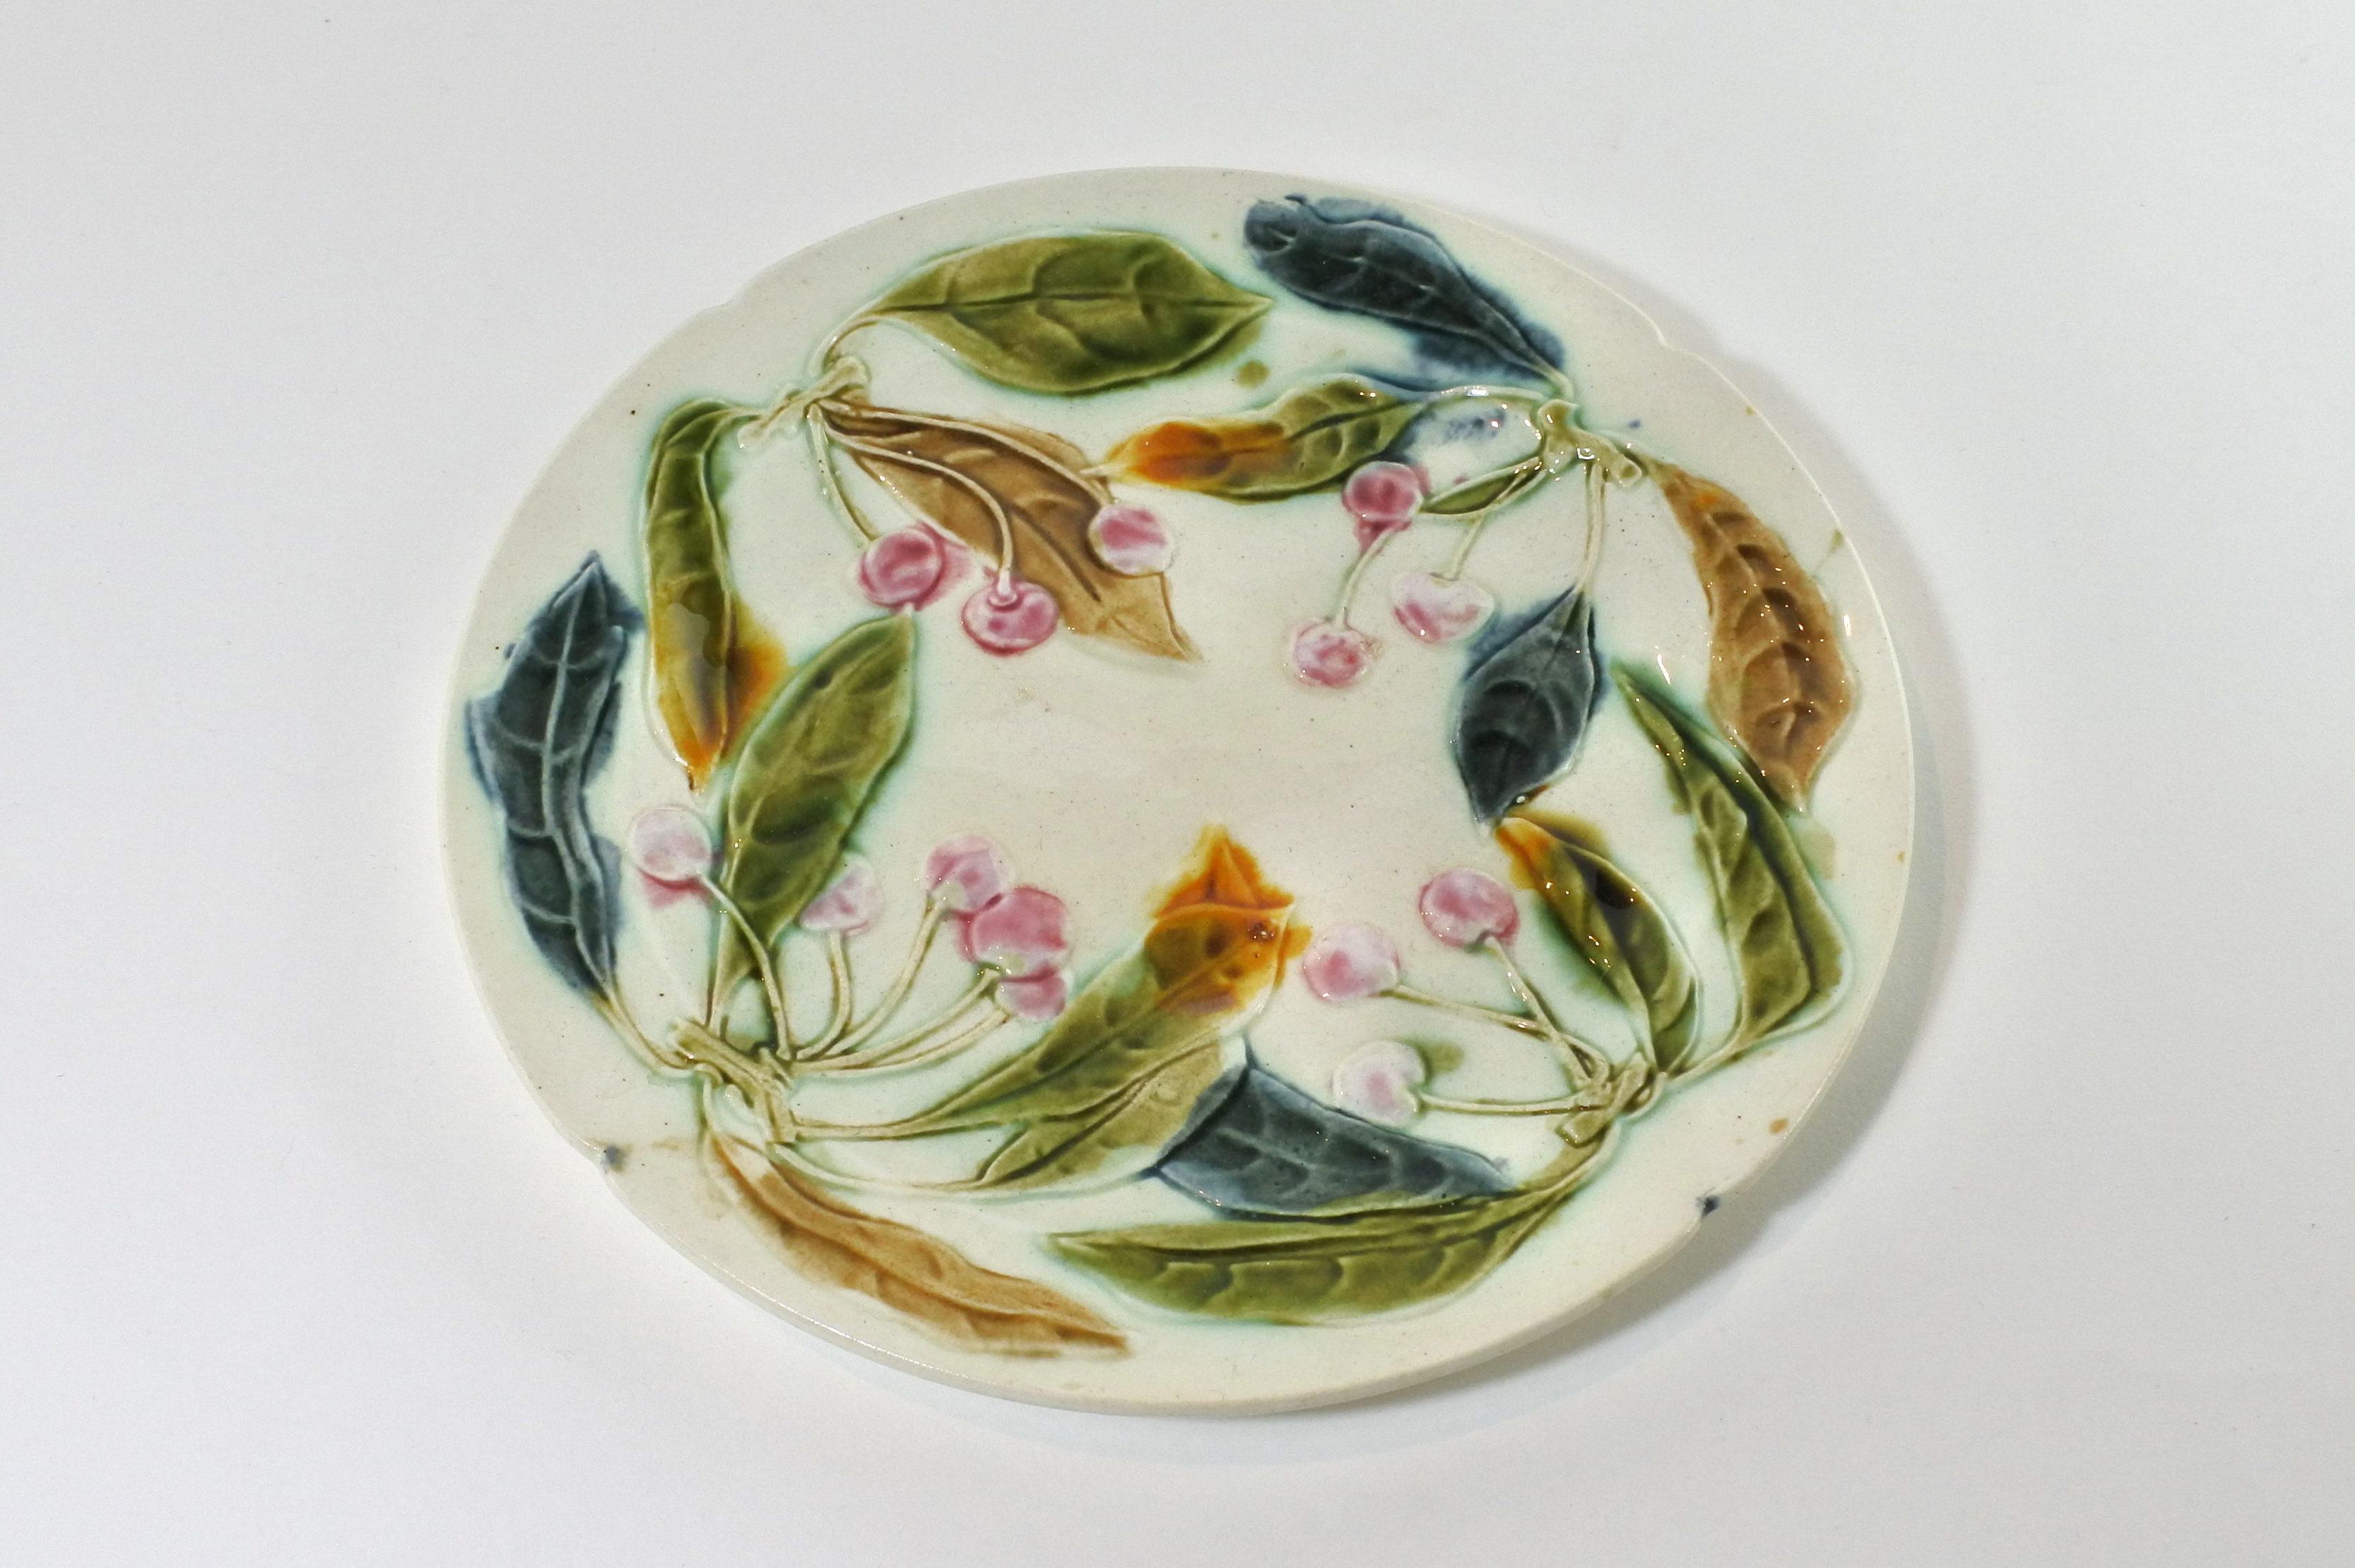 Piatto in ceramica barbotine con ciliegie e foglie